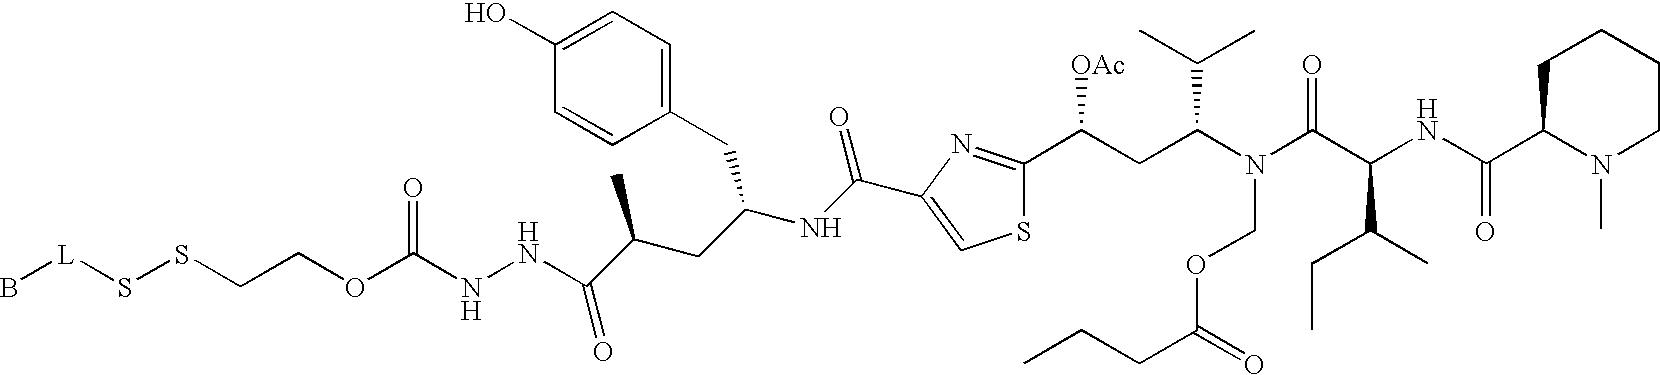 Figure US09138484-20150922-C00088